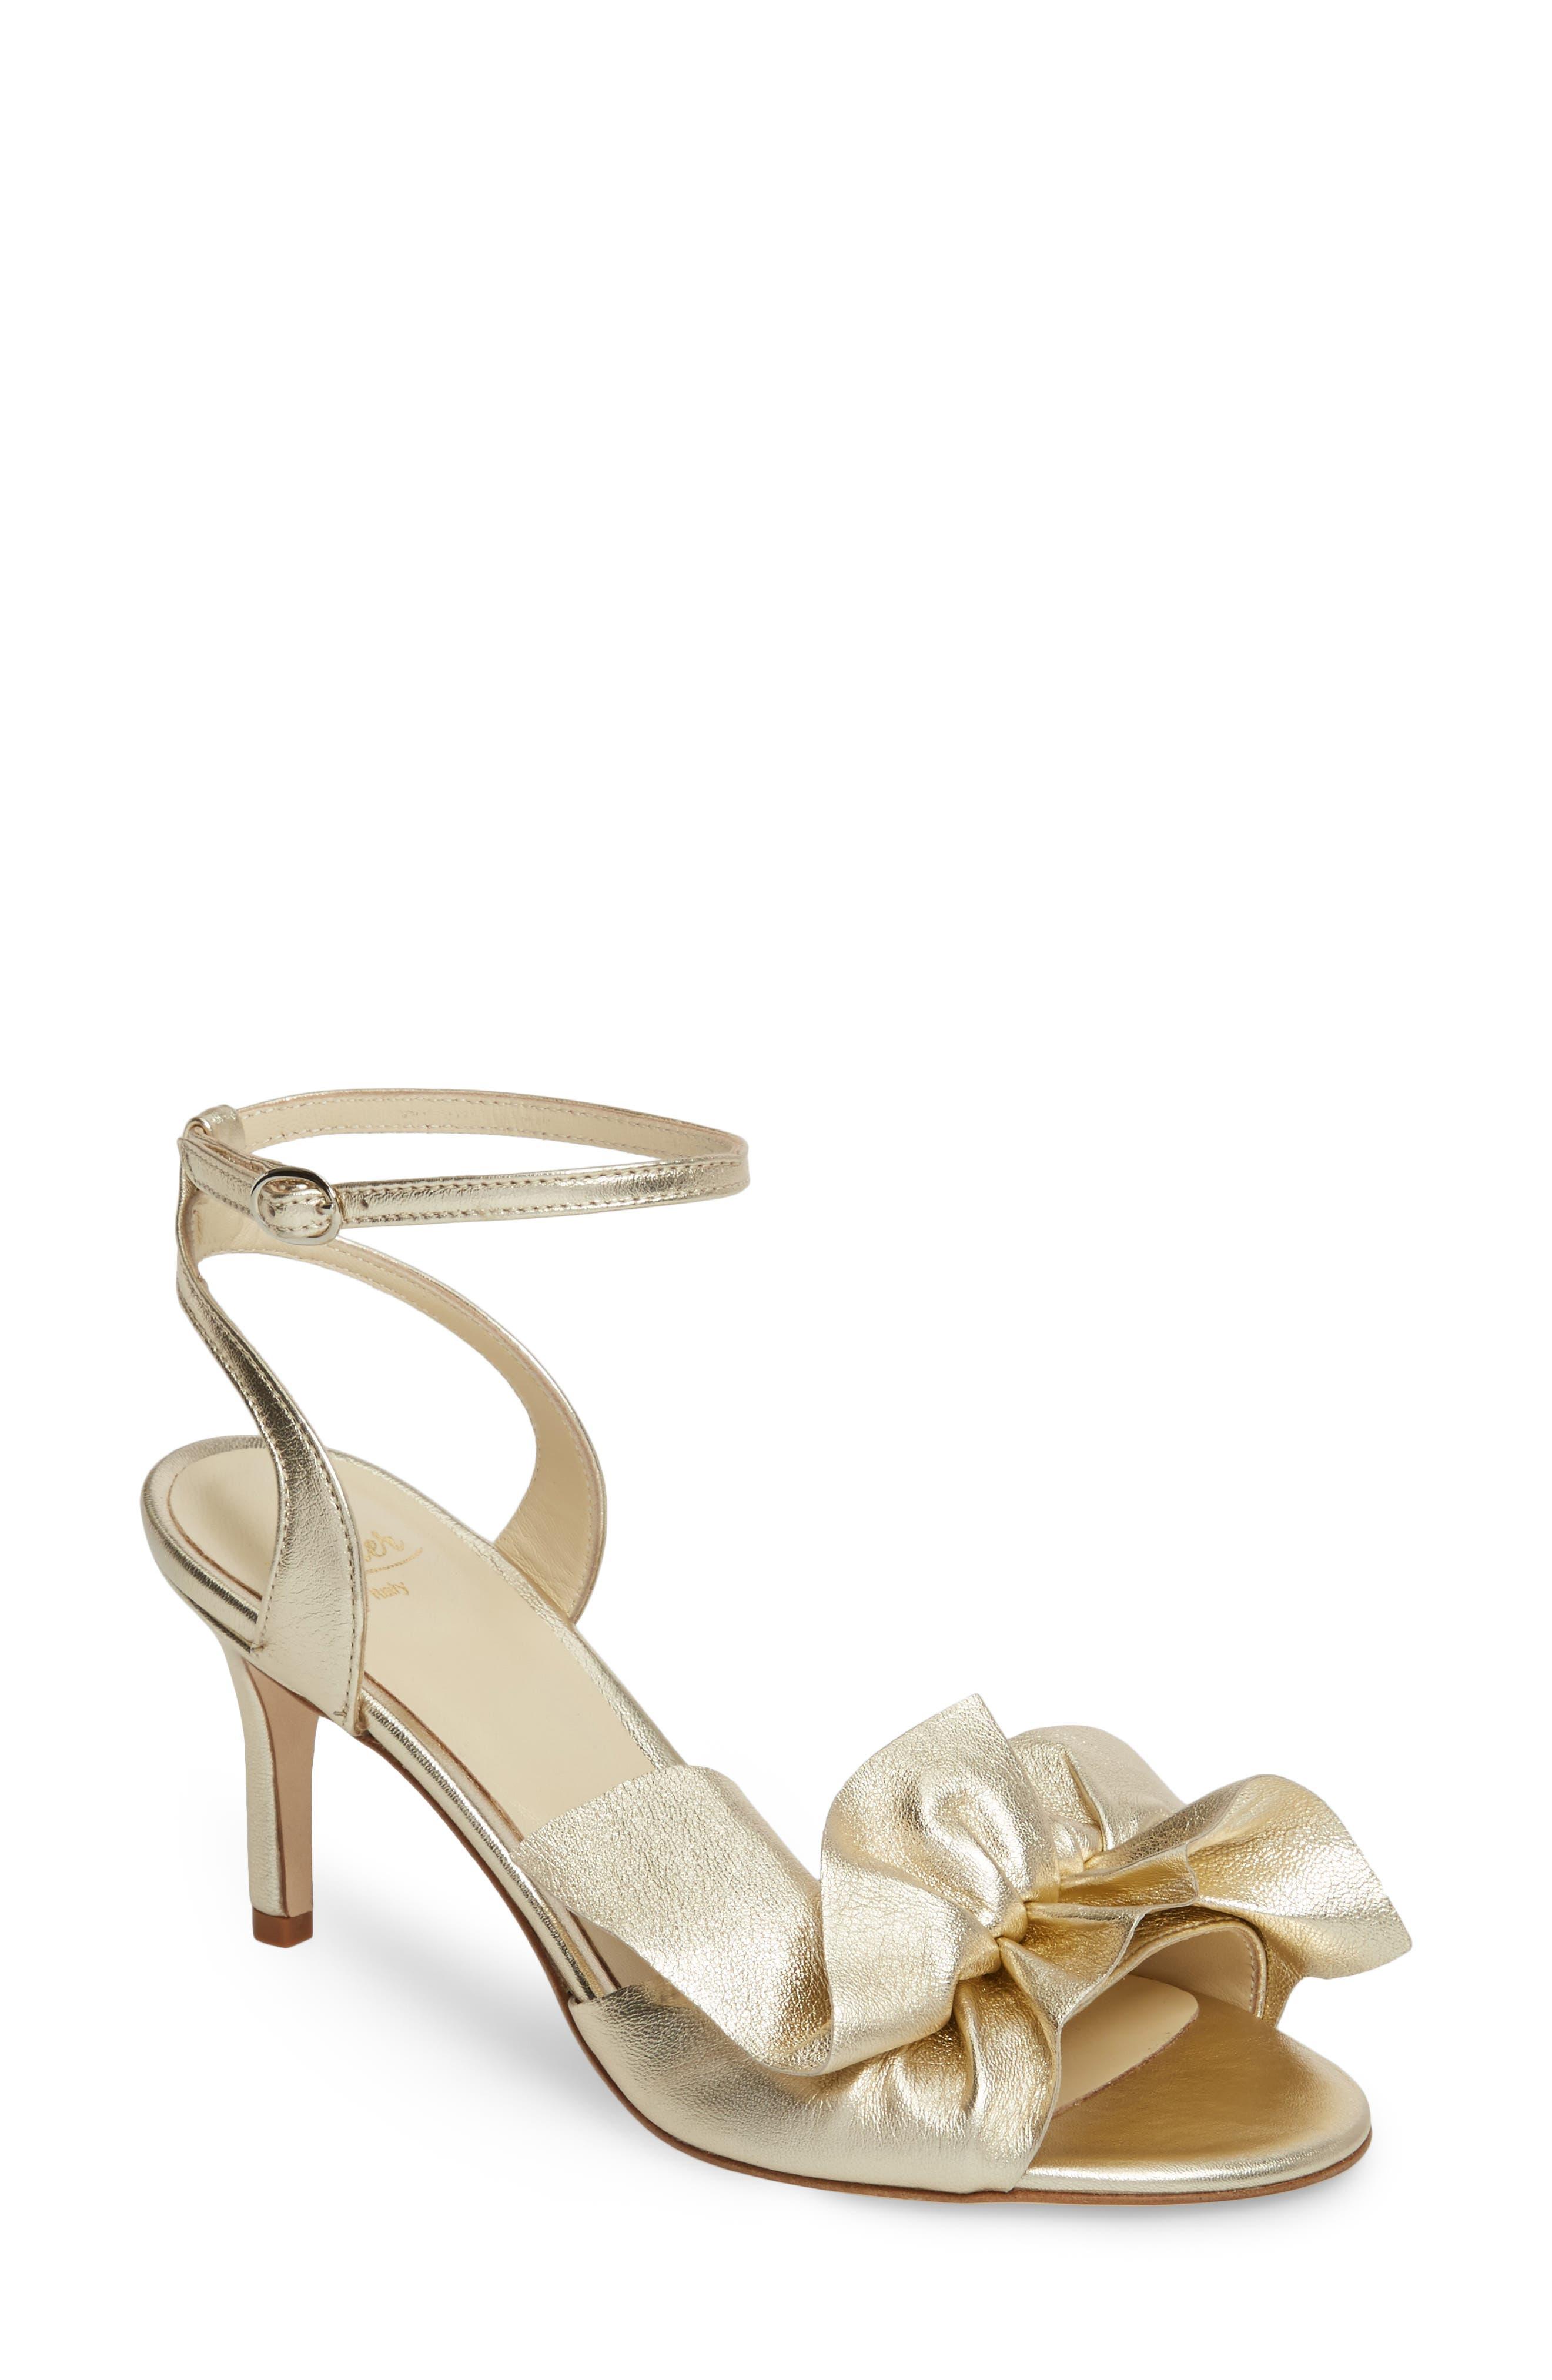 Butter Gem Embellished Ankle Strap Sandal,                         Main,                         color, Platino Napa